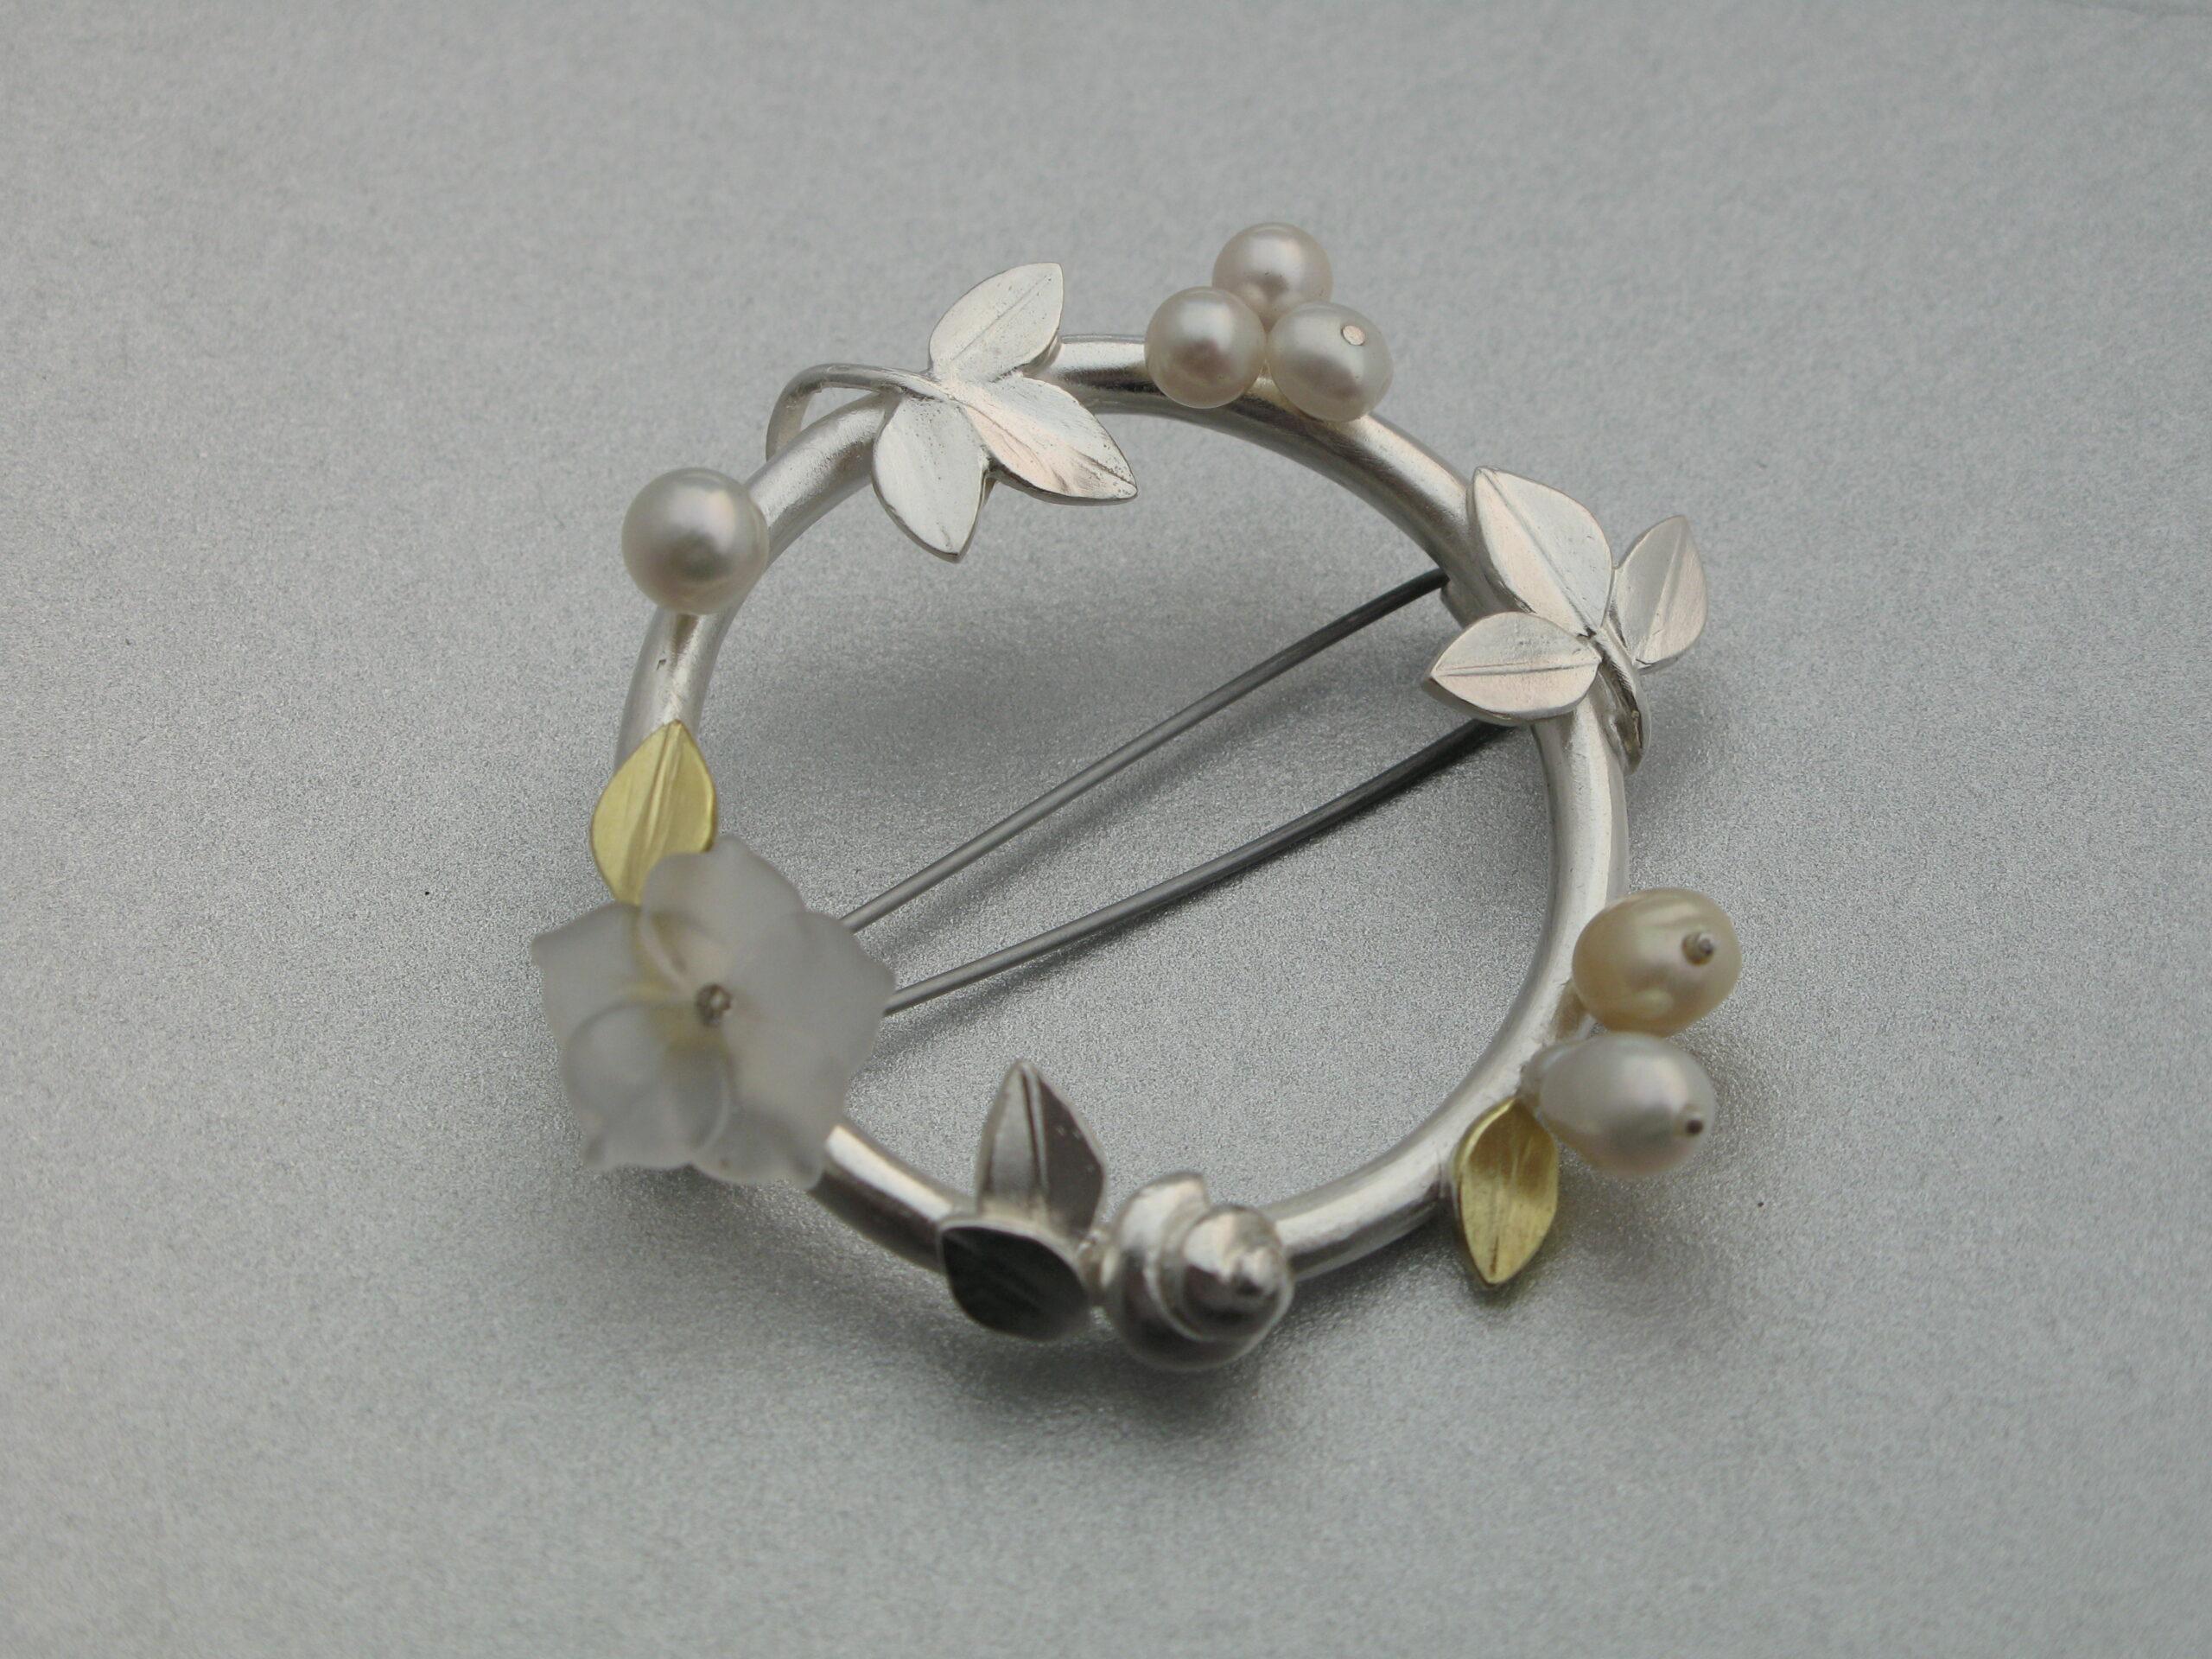 """Brosch, """"Krans"""", guld, silver, bergkristall och sötvattenspärla"""